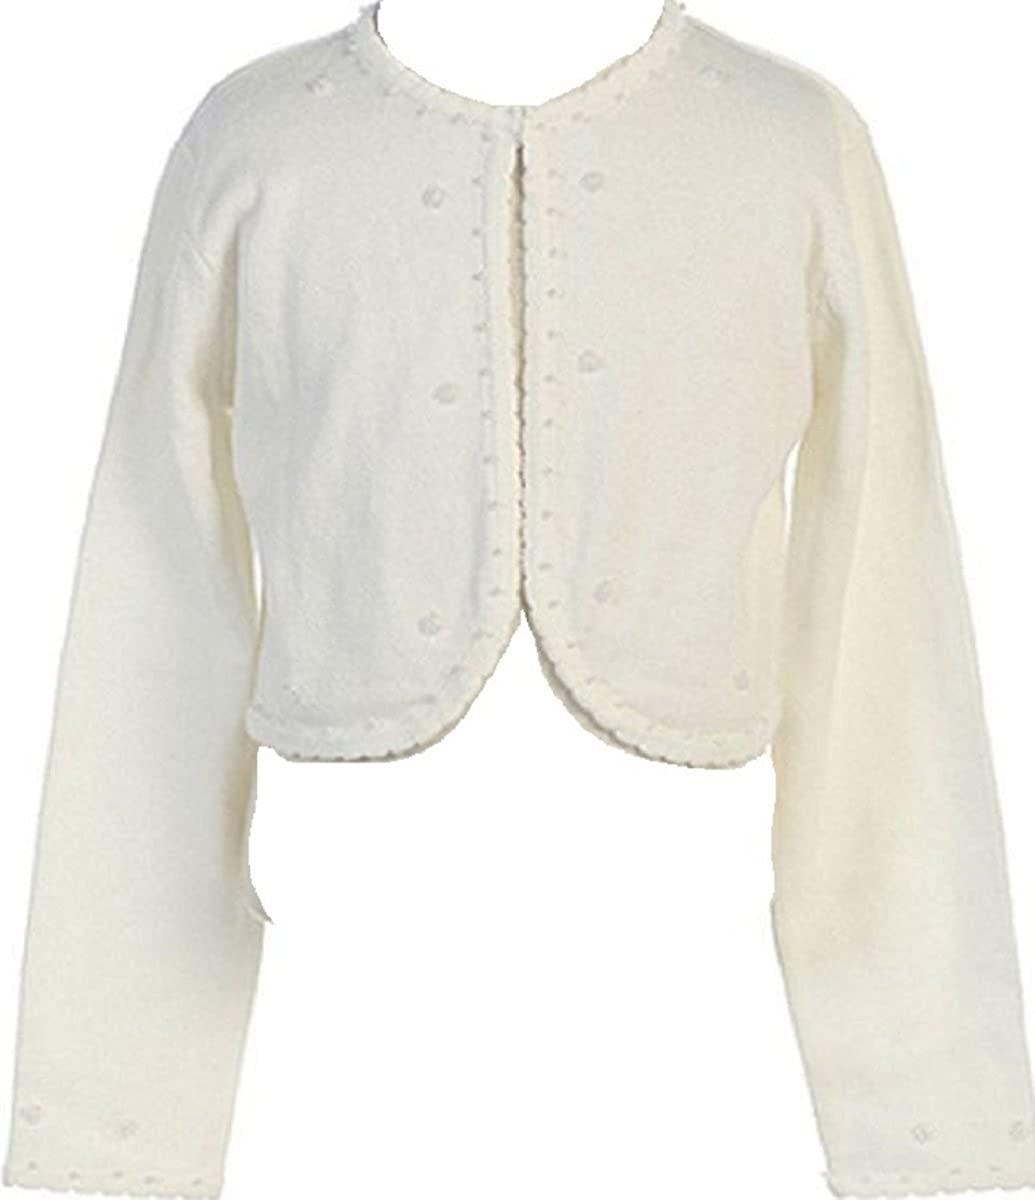 Little Girls Beaded Knit Cotton Bolero Shrug Sweater for Flower Girl Communion Ivory Size M (4-6)